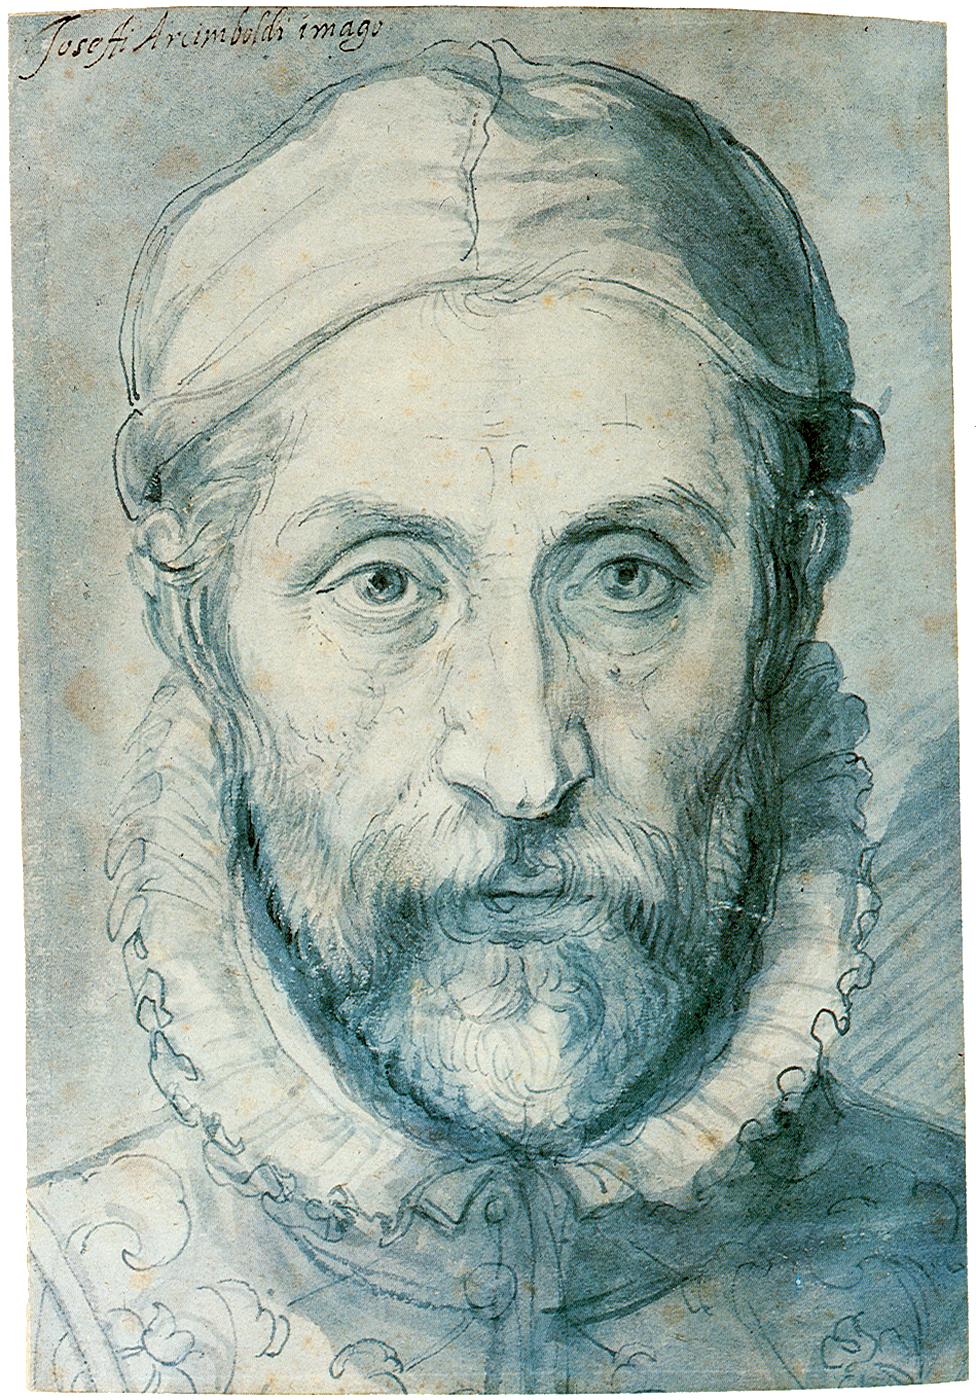 ジュゼッペ・アルチンボルドの画像 p1_40